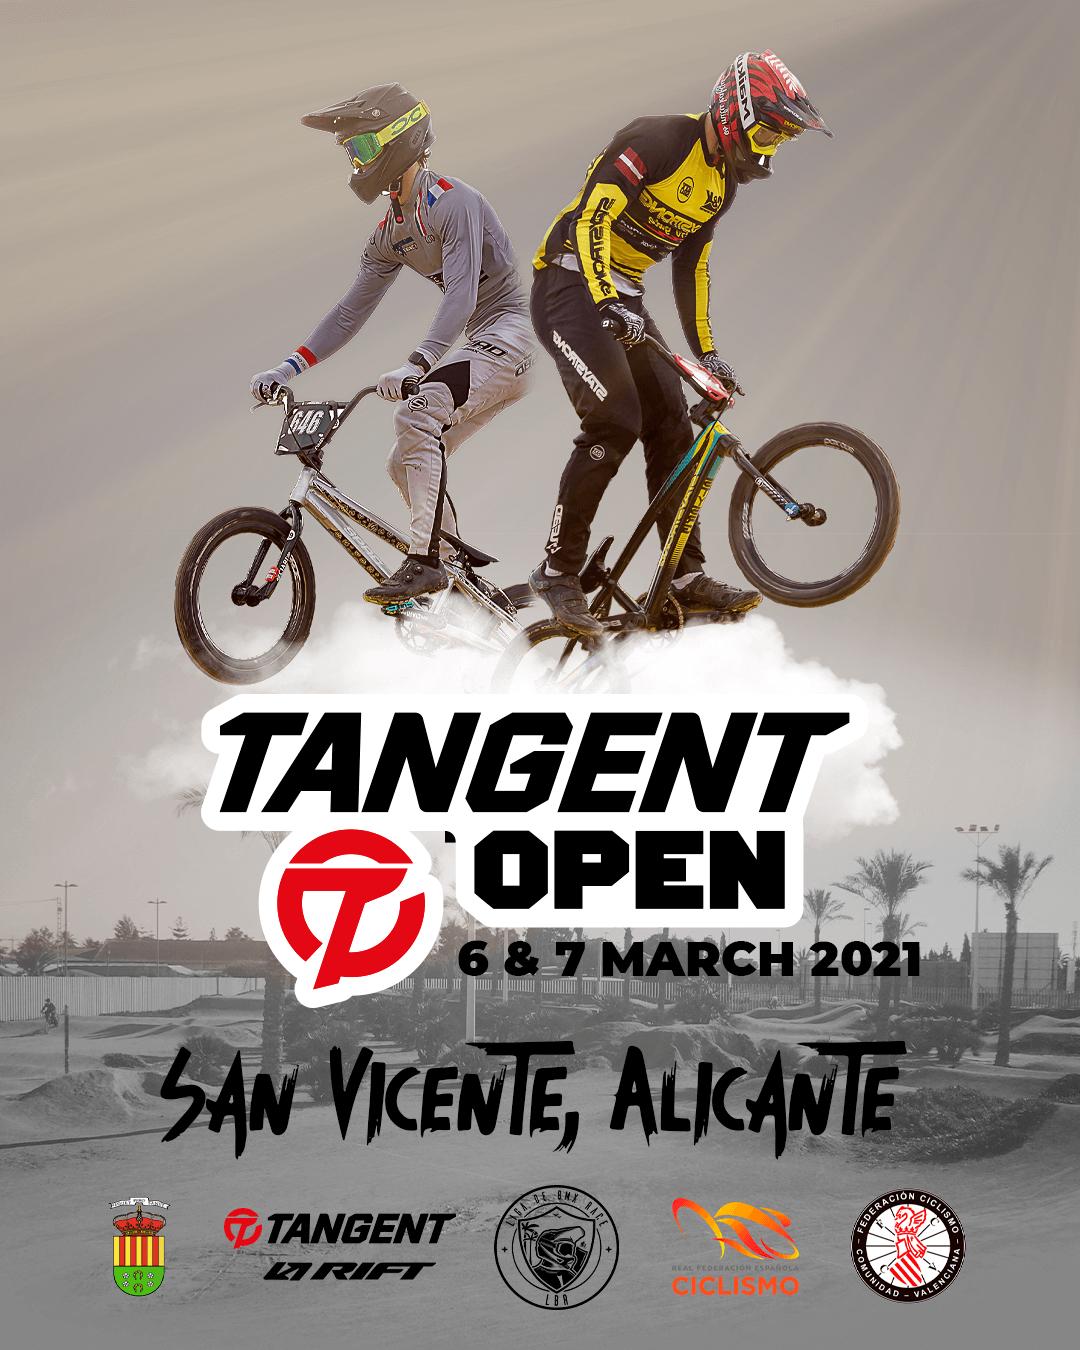 Tangent Open 2021